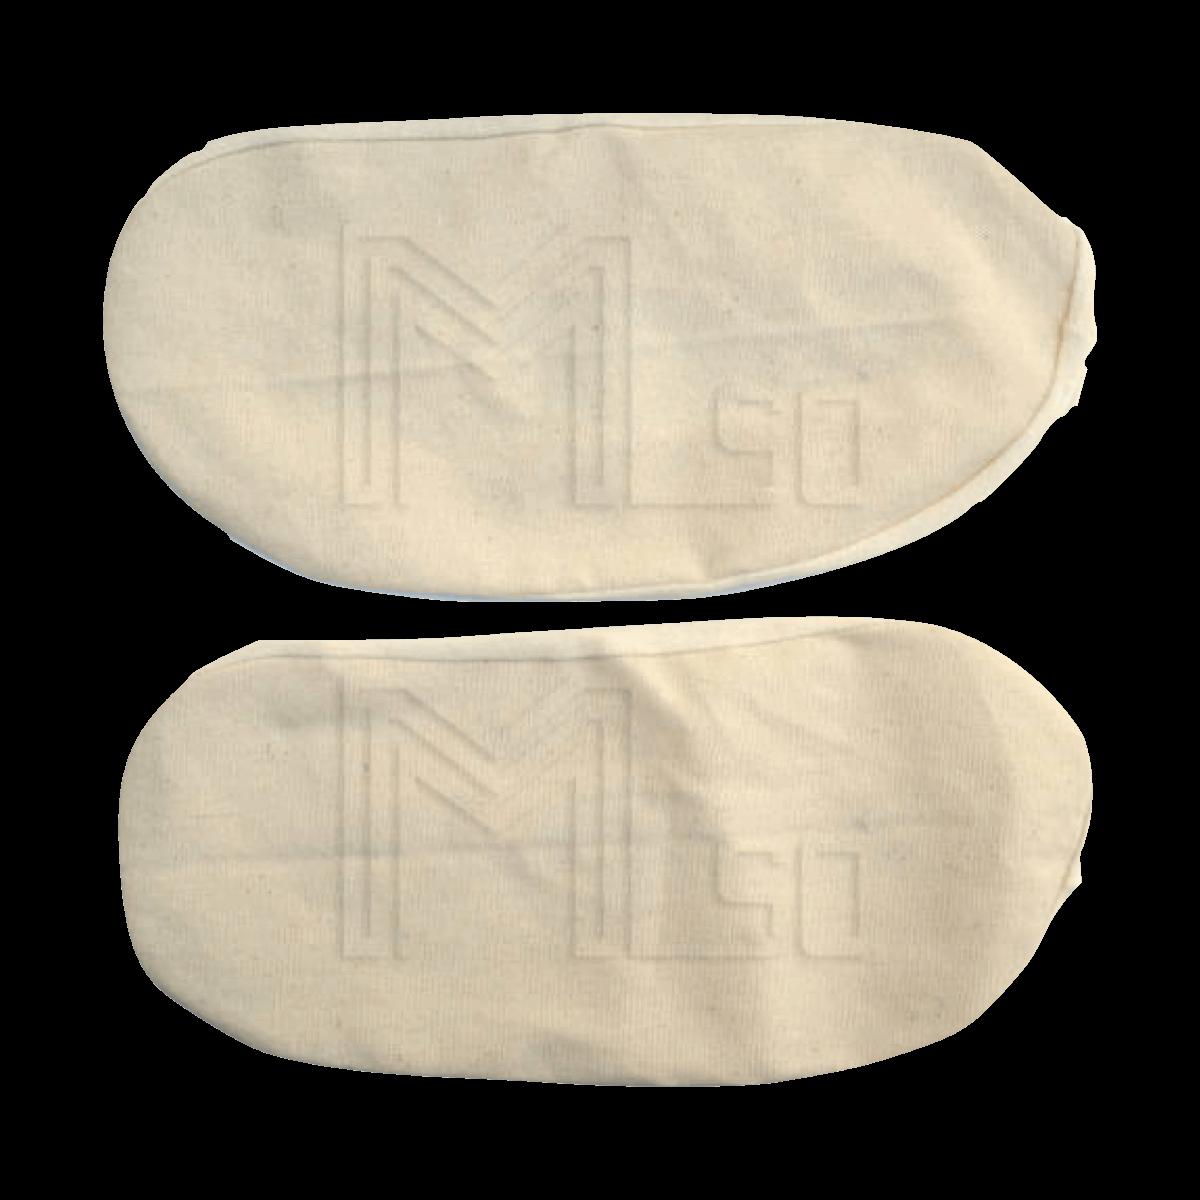 Propé Sapatilha de Malha com Solado de Lona MSO Kit 20 pares